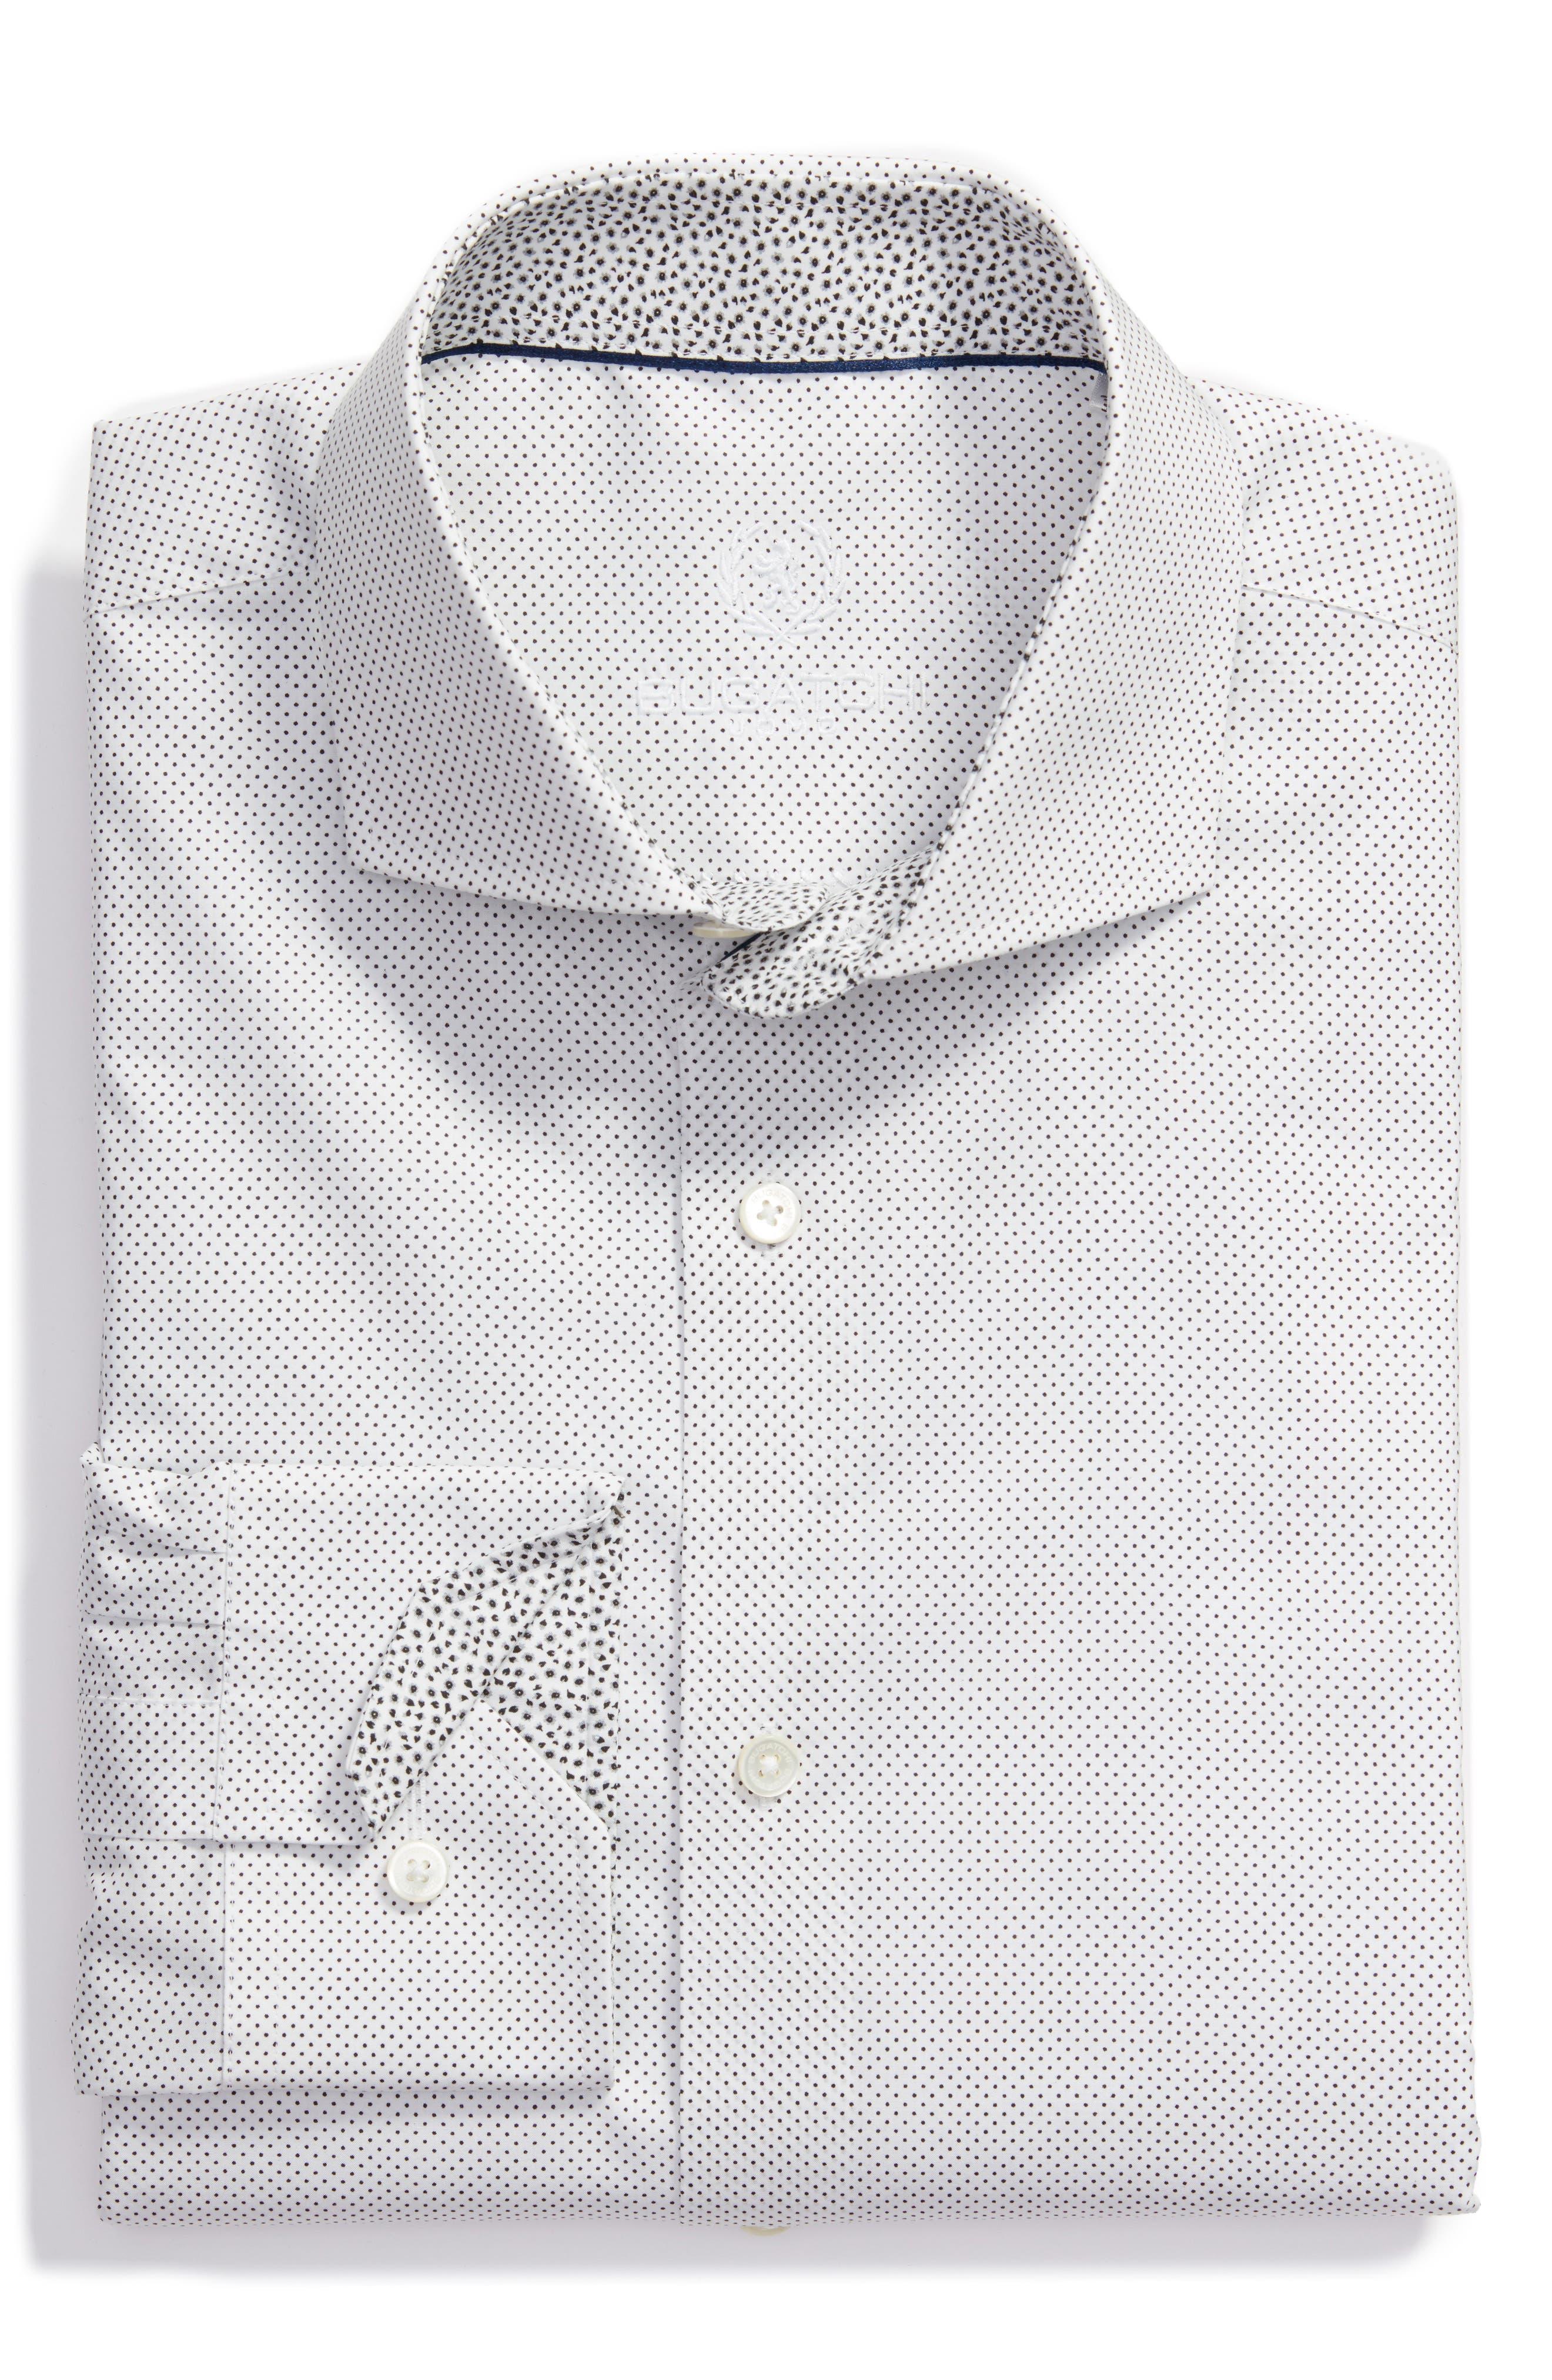 Trim Fit Dress Shirt,                         Main,                         color, Chalk